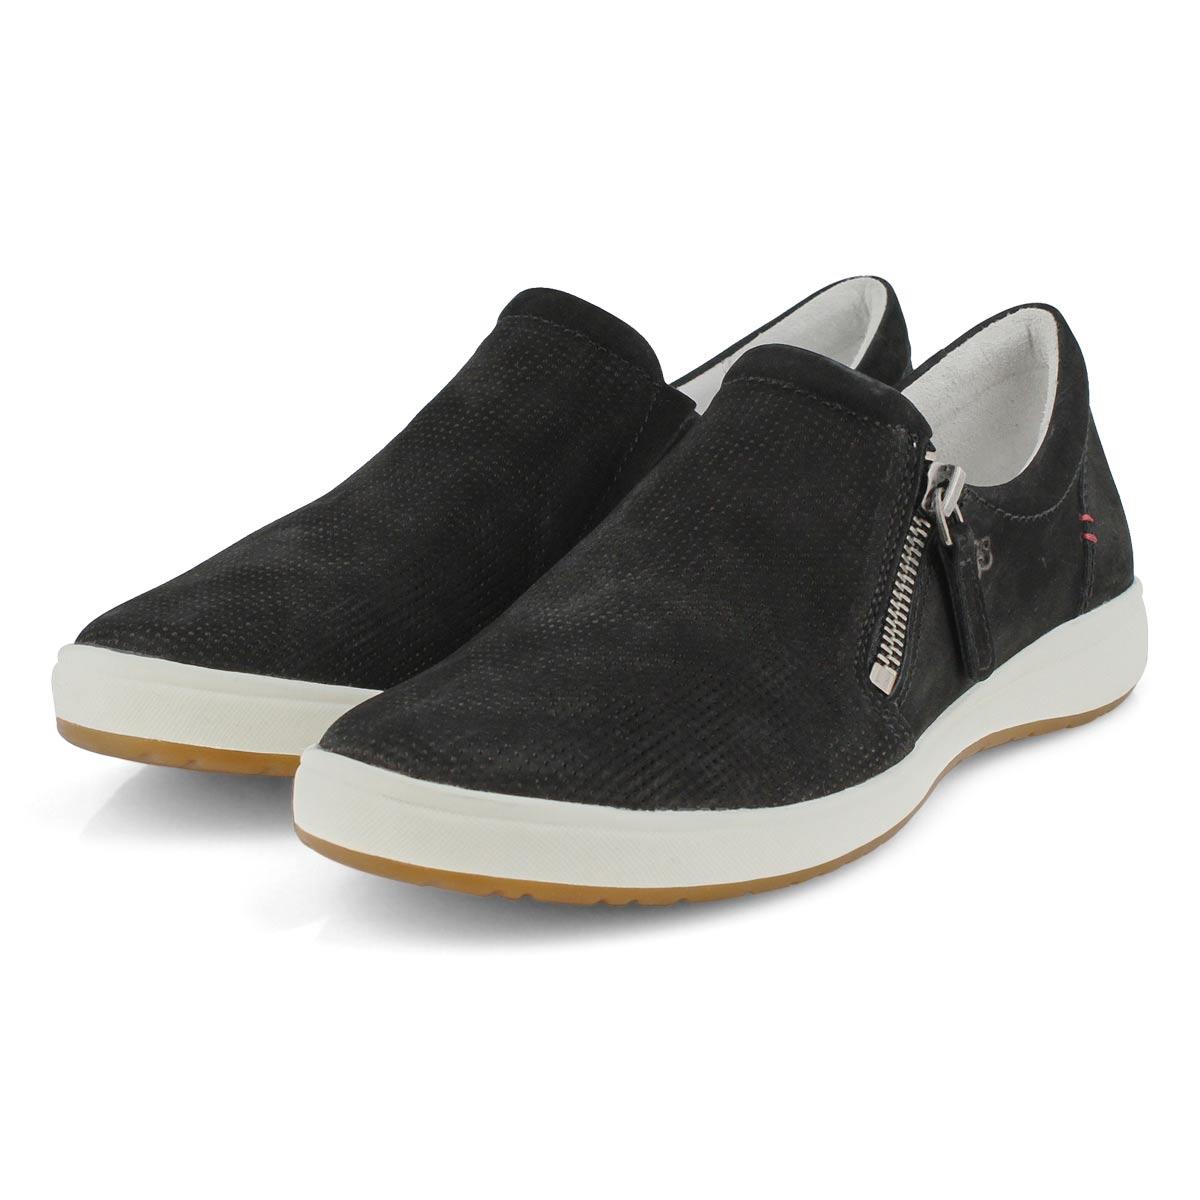 Lds Caren 22 black slip on sneaker